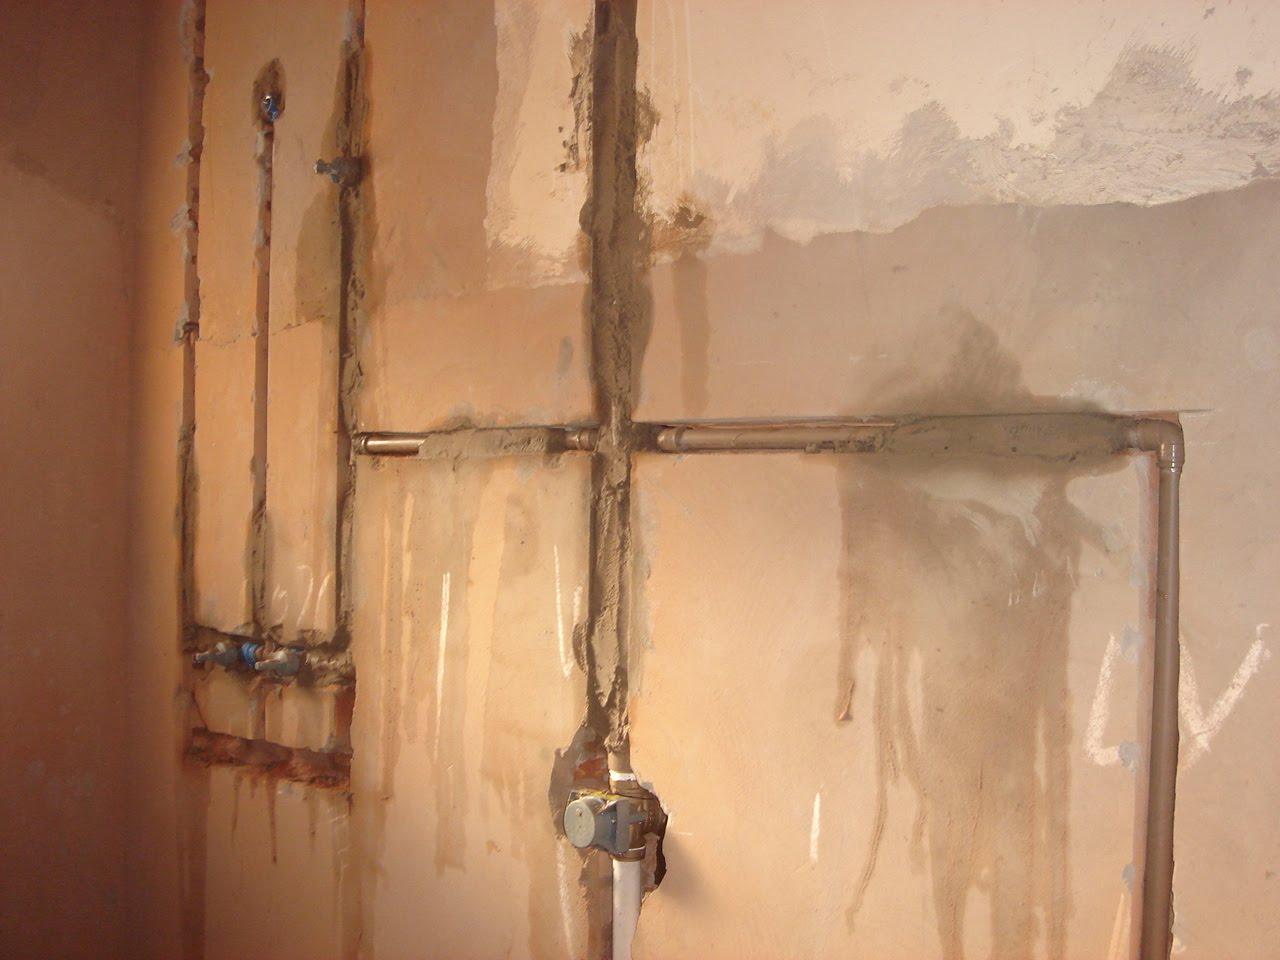 #9D632E ENCANADOR :: Mago da Obra 1280x960 px Banheiro Hidraulica 3045